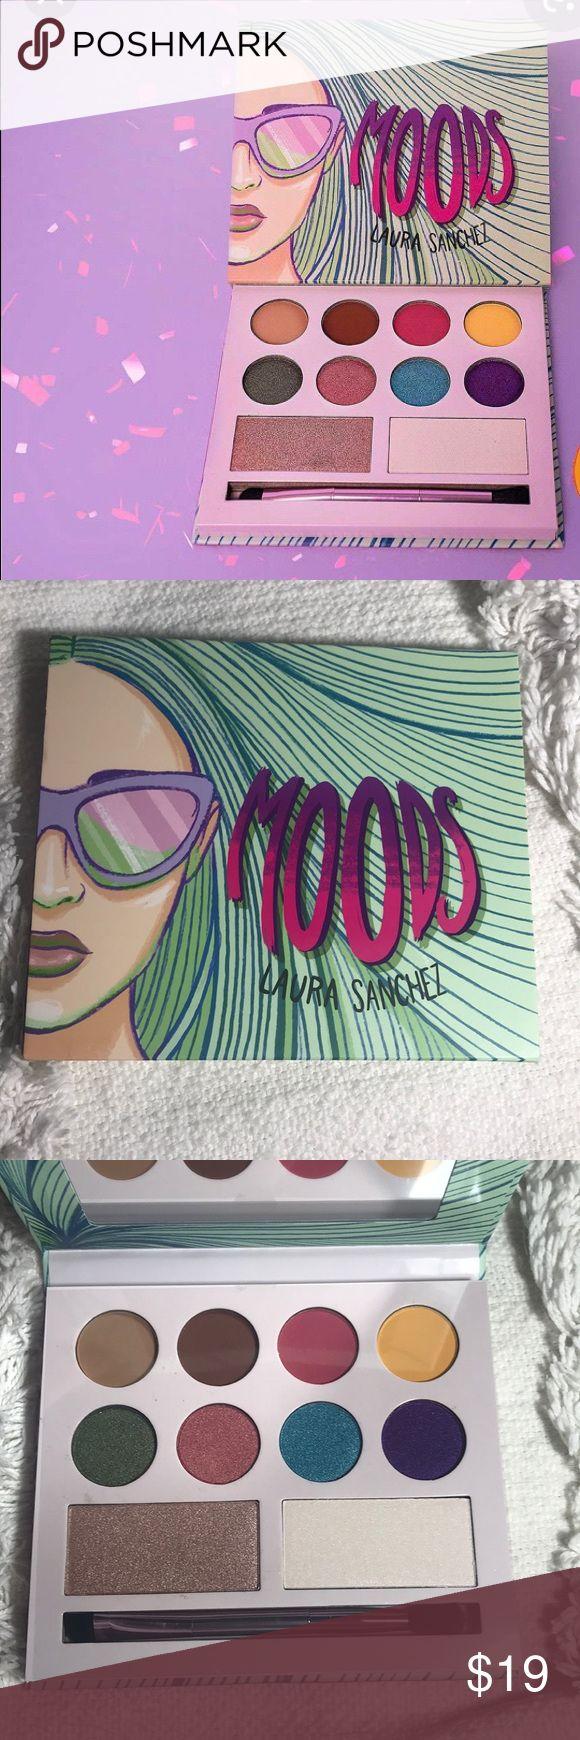 Laura Sanchez Moods Palette New Laura Sanchez Moods